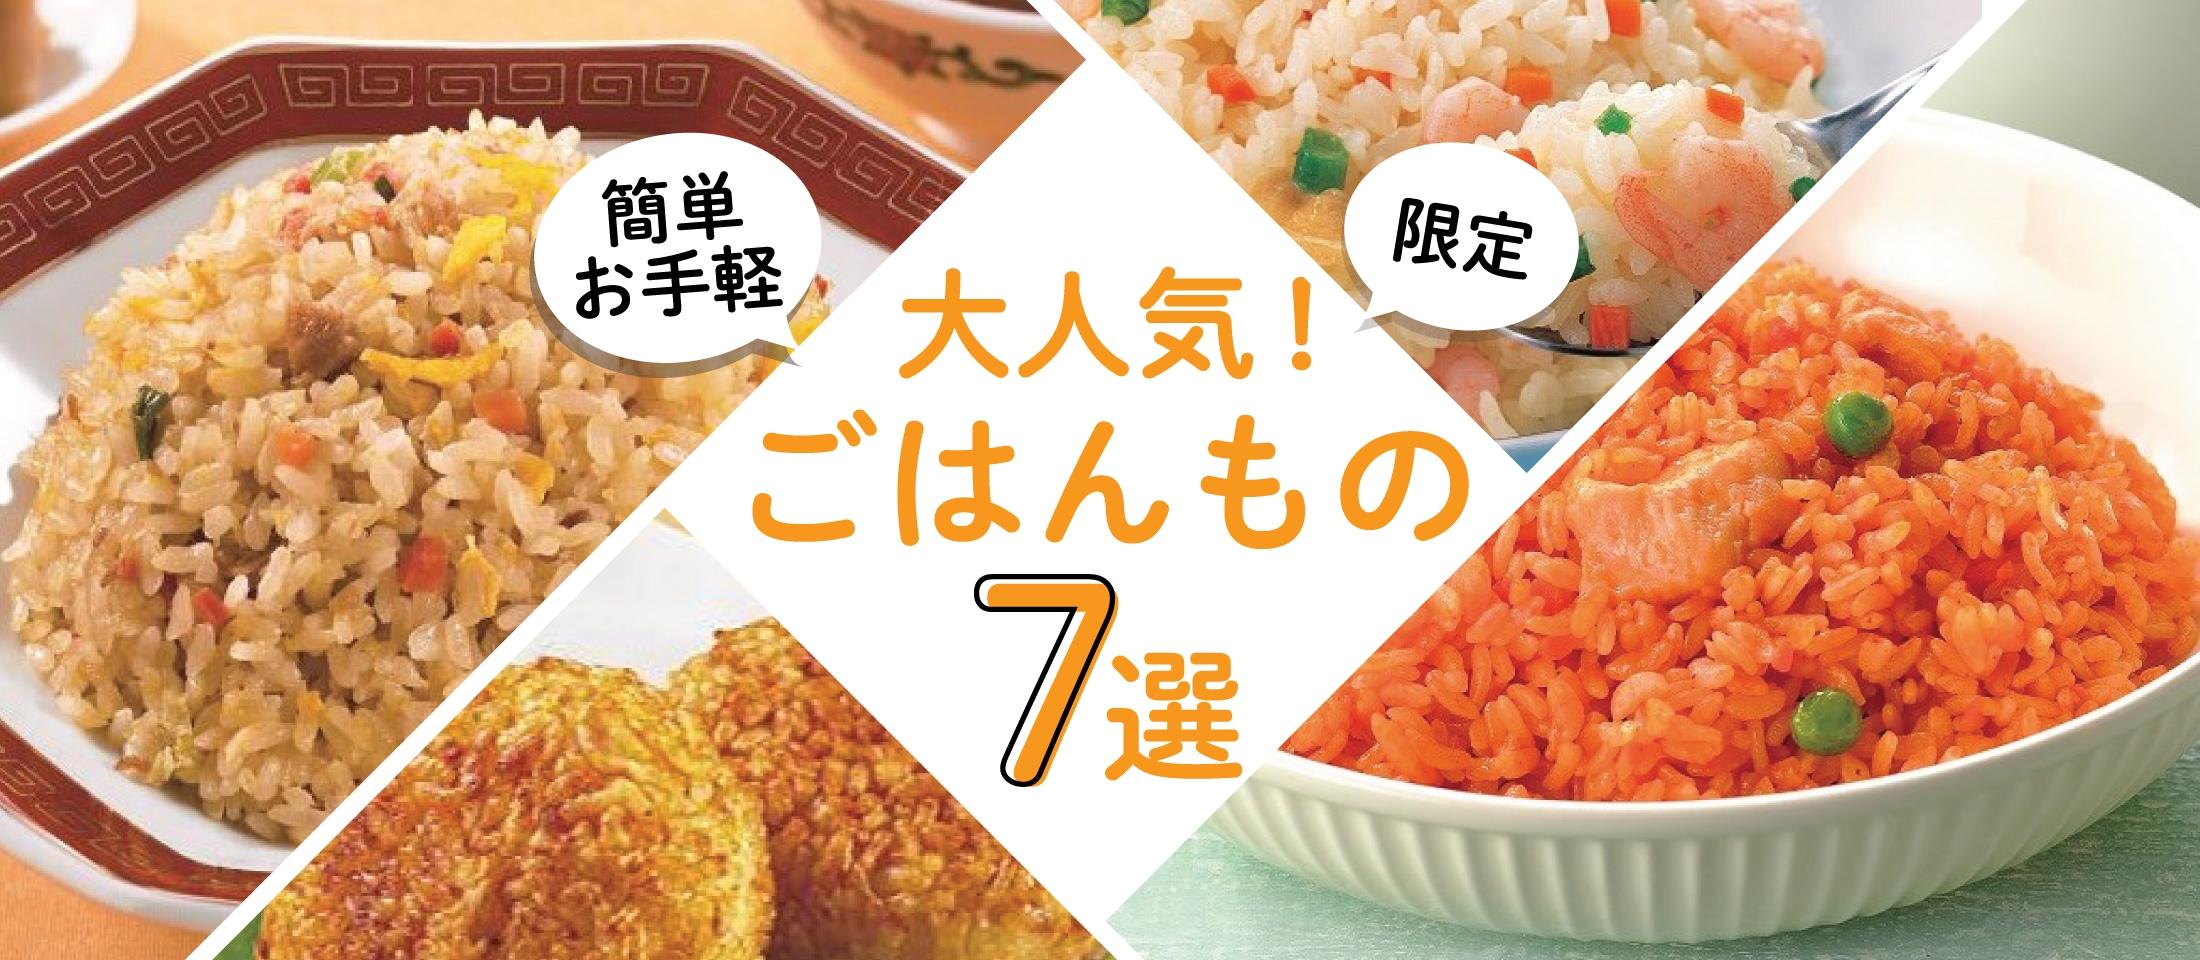 大人気 ごはんもの冷凍食品 7選  業務用食品・冷凍食品の通販 |ナカヤマフーズ